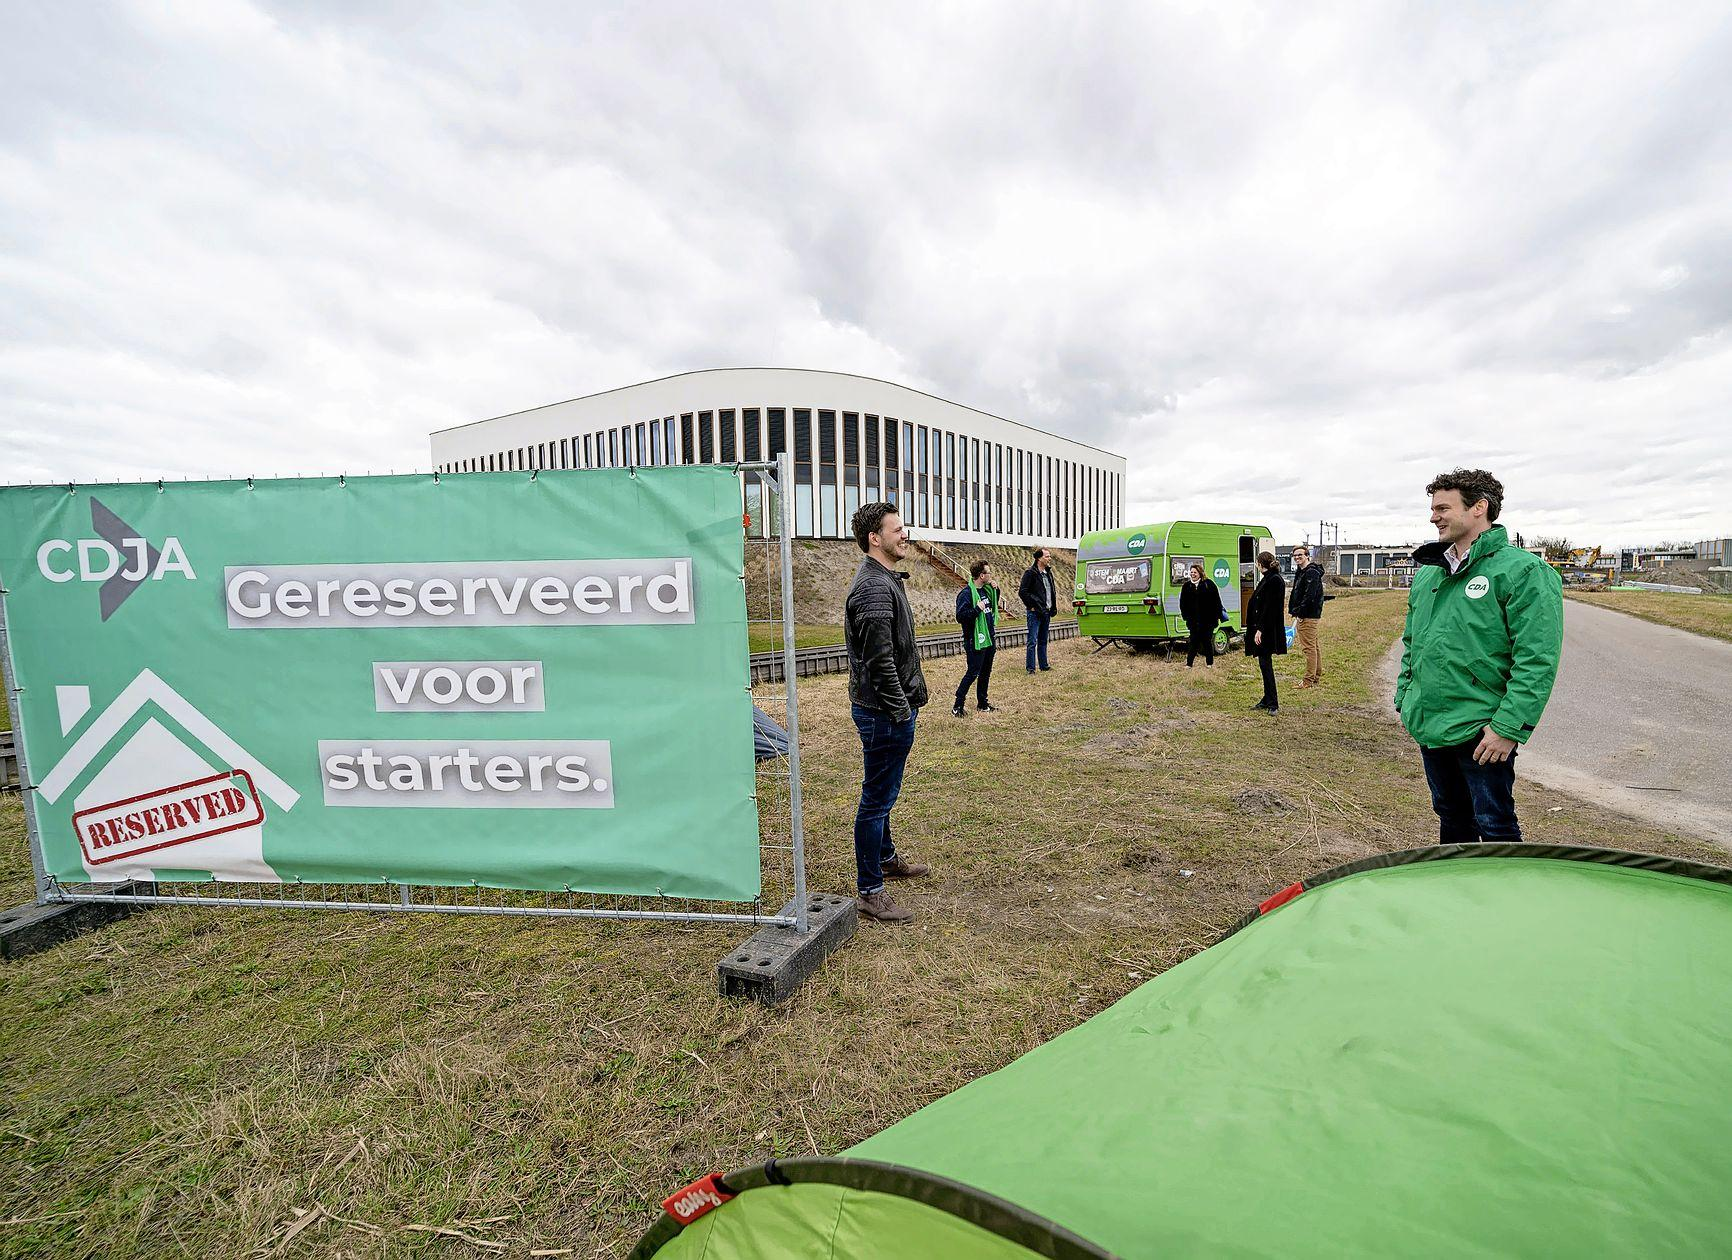 Jongeren CDA plaatsen tentjes en caravan op toekomstige woningbouwlocatie. 'Veel starters moeten hoognodig de deur uit bij hun ouders'